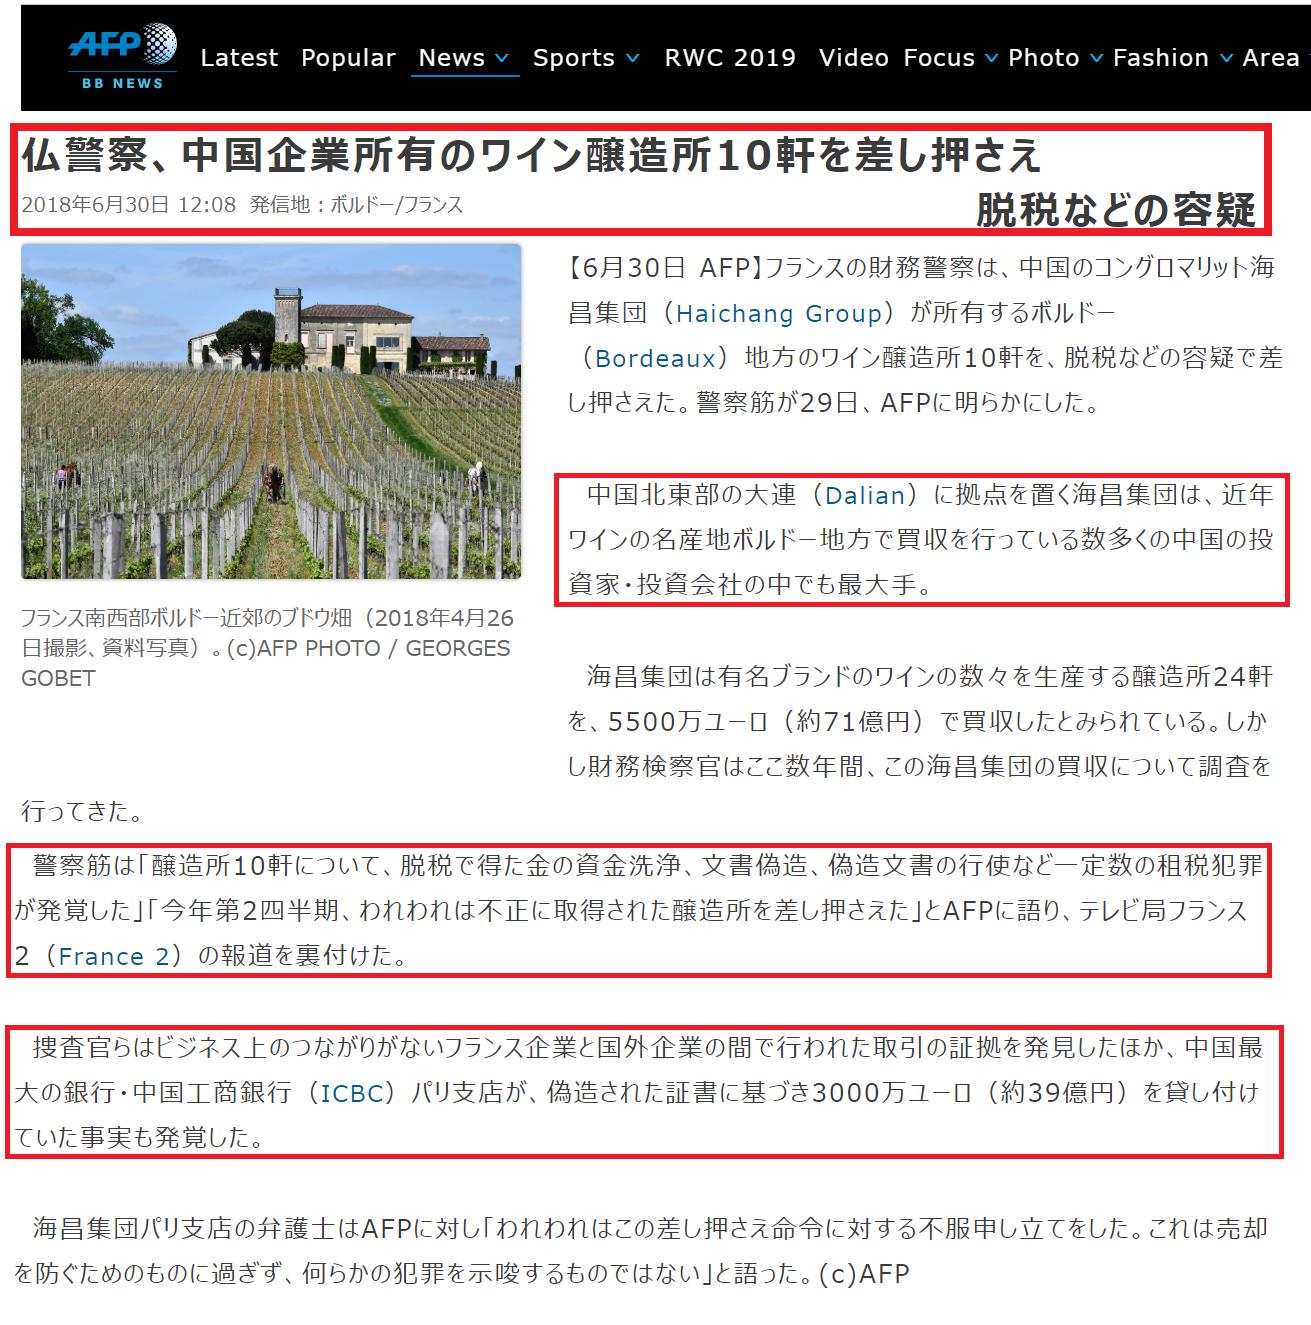 仏ボルドー産ワインの土地買収のシナ企業が脱税および不正取引